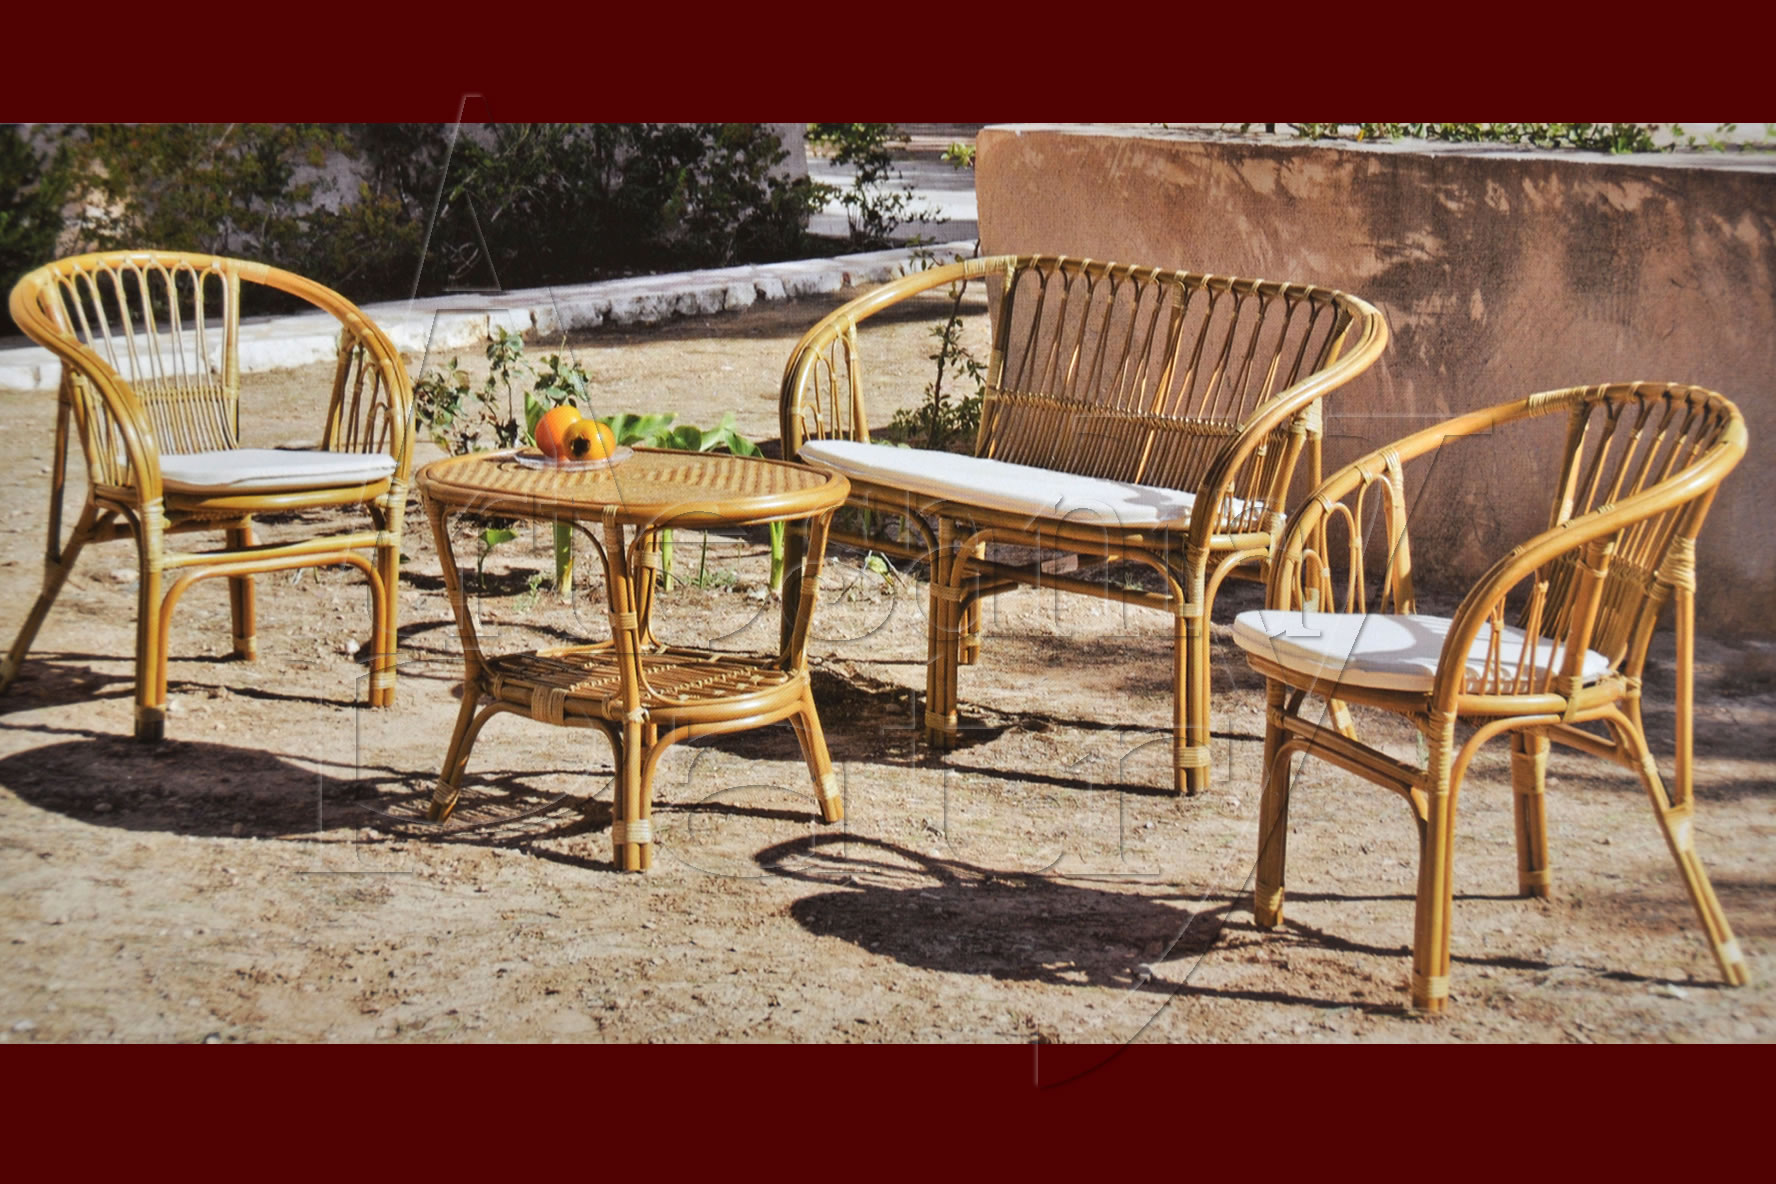 Muebles de exterior madera mimbre junco for Muebles de mimbre para jardin